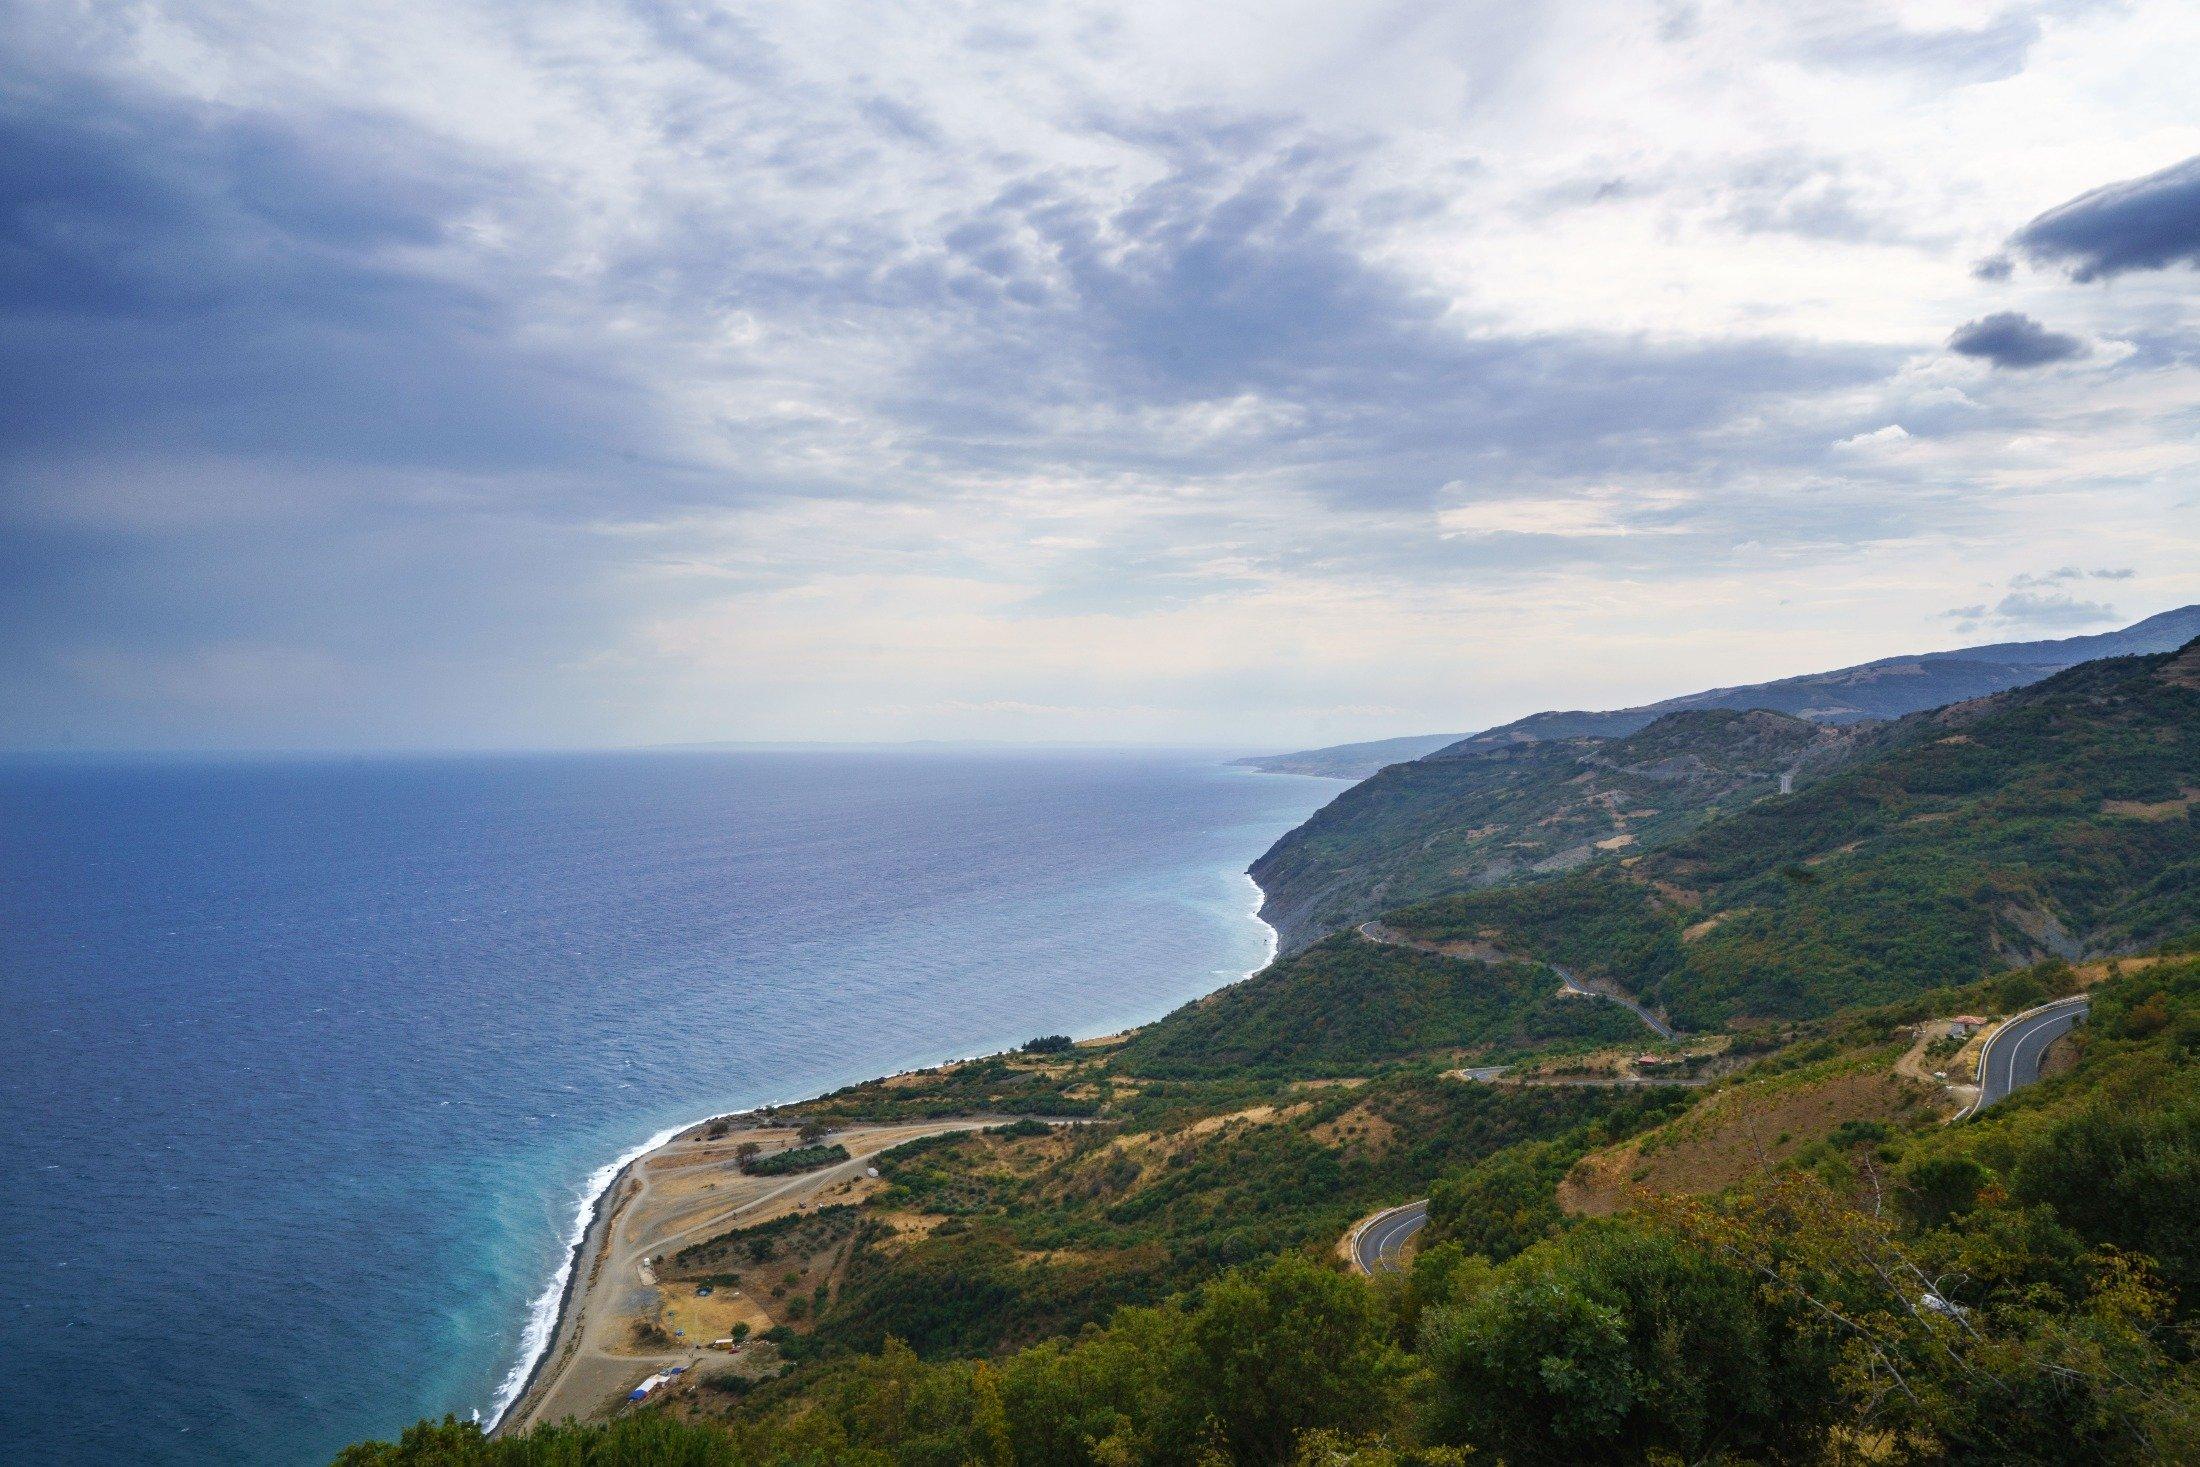 Mount Ganos